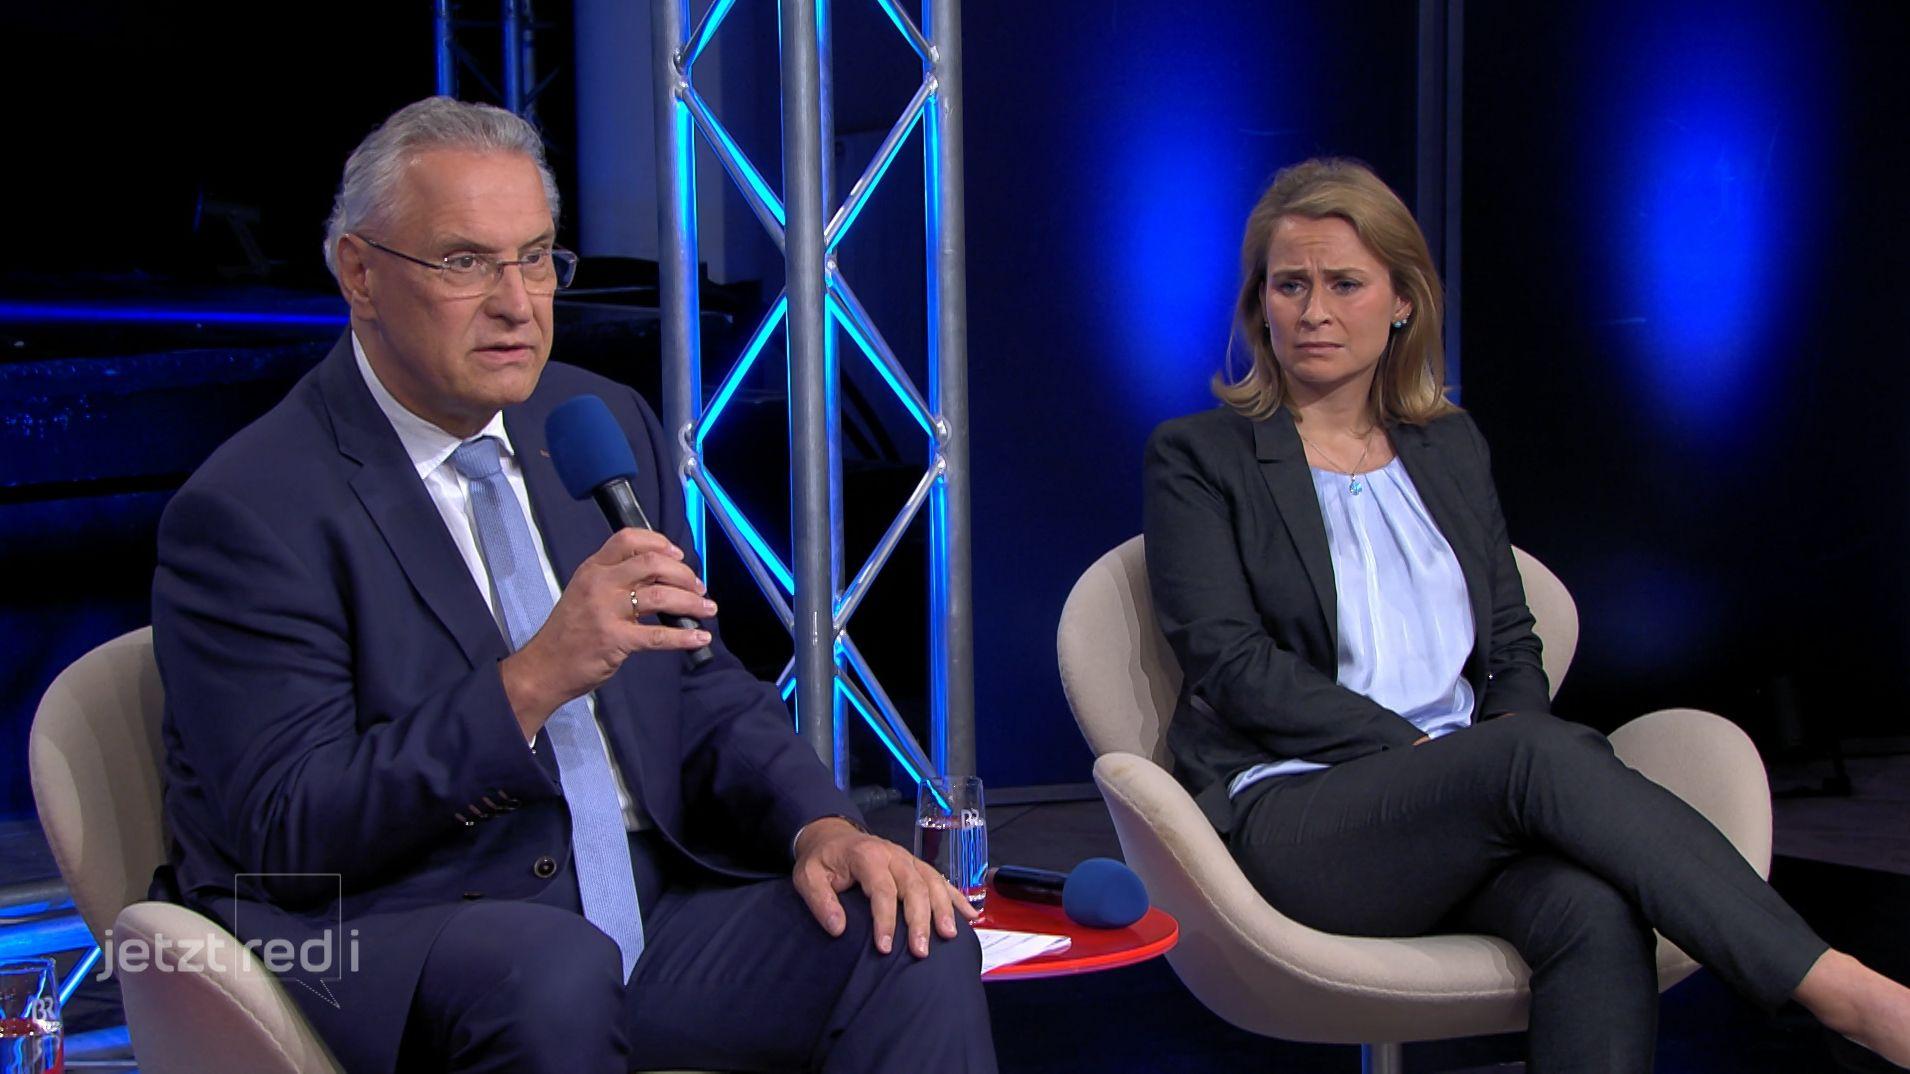 Der bayerische Innenminister Joachim Herrmann und die bayerische AfD-Landesvorsitzende Corinna Miazga